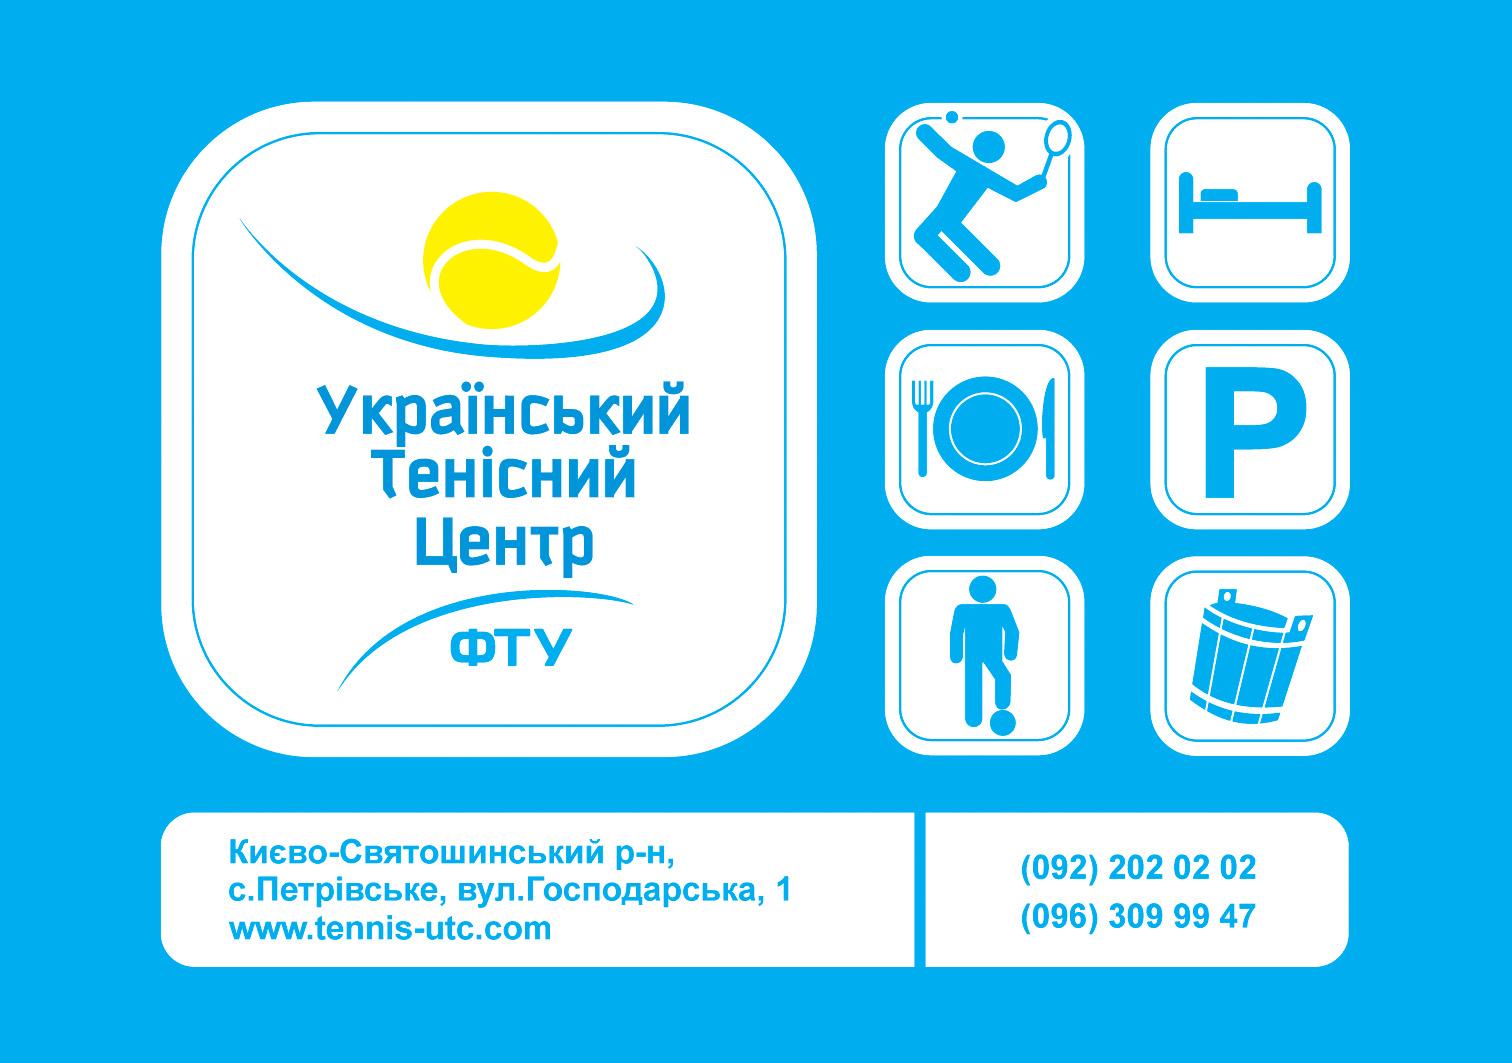 A5-UTC+Shops-UTC